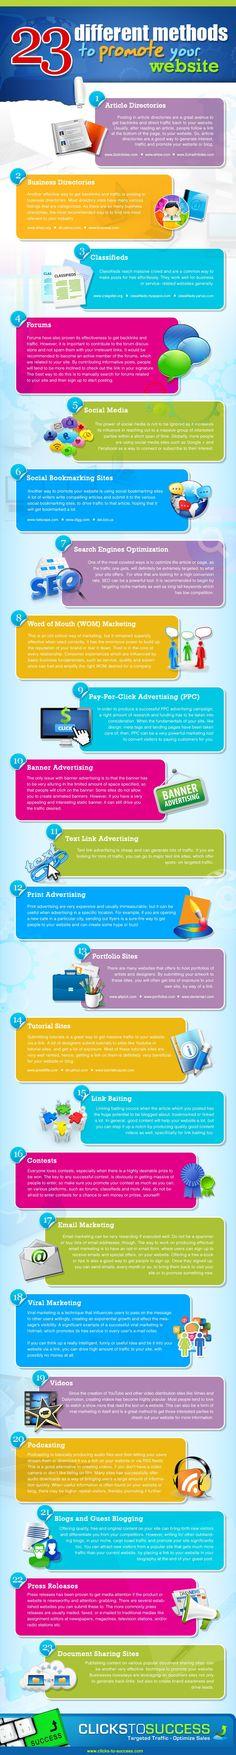 23 Cara meningkatkan traffic blog. Metodenya tergolong pasaran sih, tapi lumayan juga buat referensi. :)